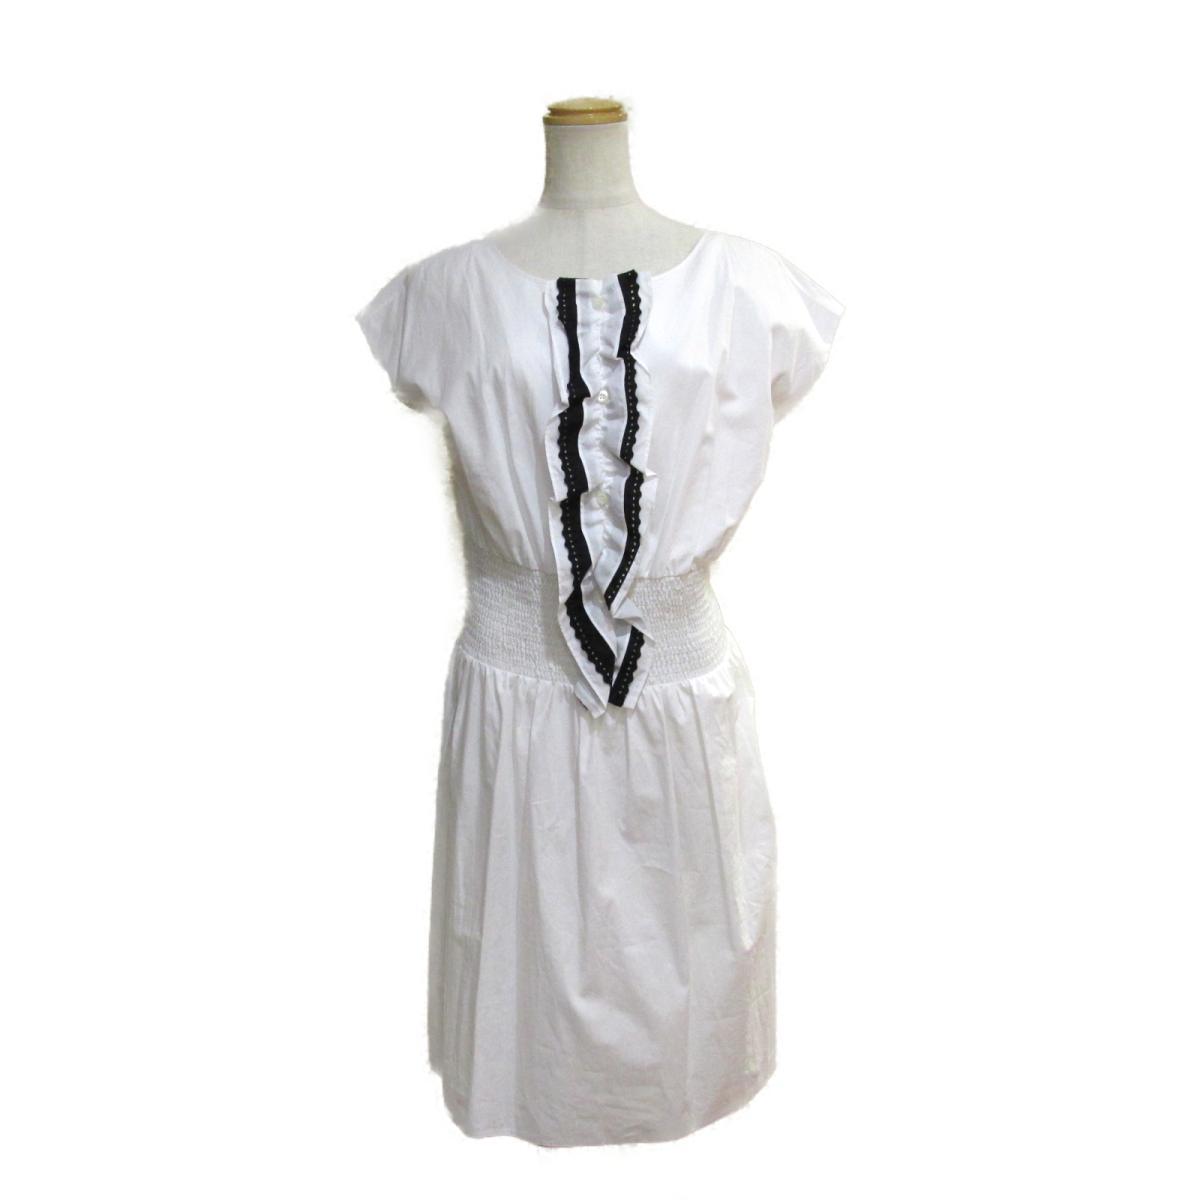 【中古】 プラダ ワンピース レディース コットン100% ホワイト ブラック | PRADA BRANDOFF ブランドオフ 衣料品 衣類 ブランド